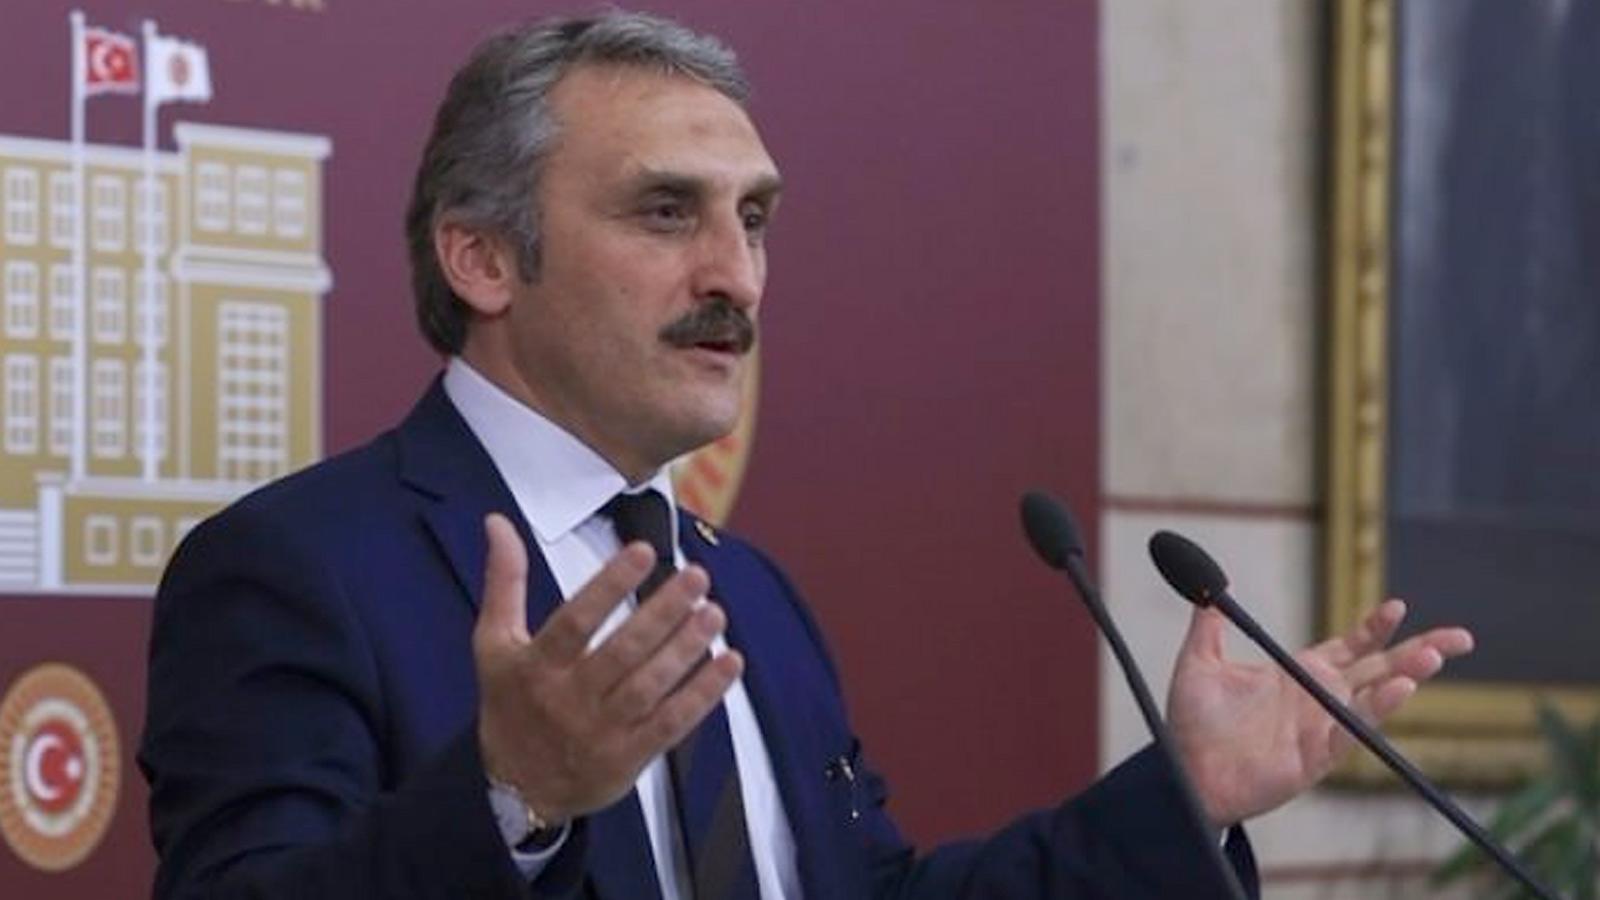 AKP'li Ahmet Hamdi Çamlı: Kadın ve erkeği eşitliğe zorlayanlar en büyük kötülüğü yapanlardır, tavuğa horozluk yaptıramazsın